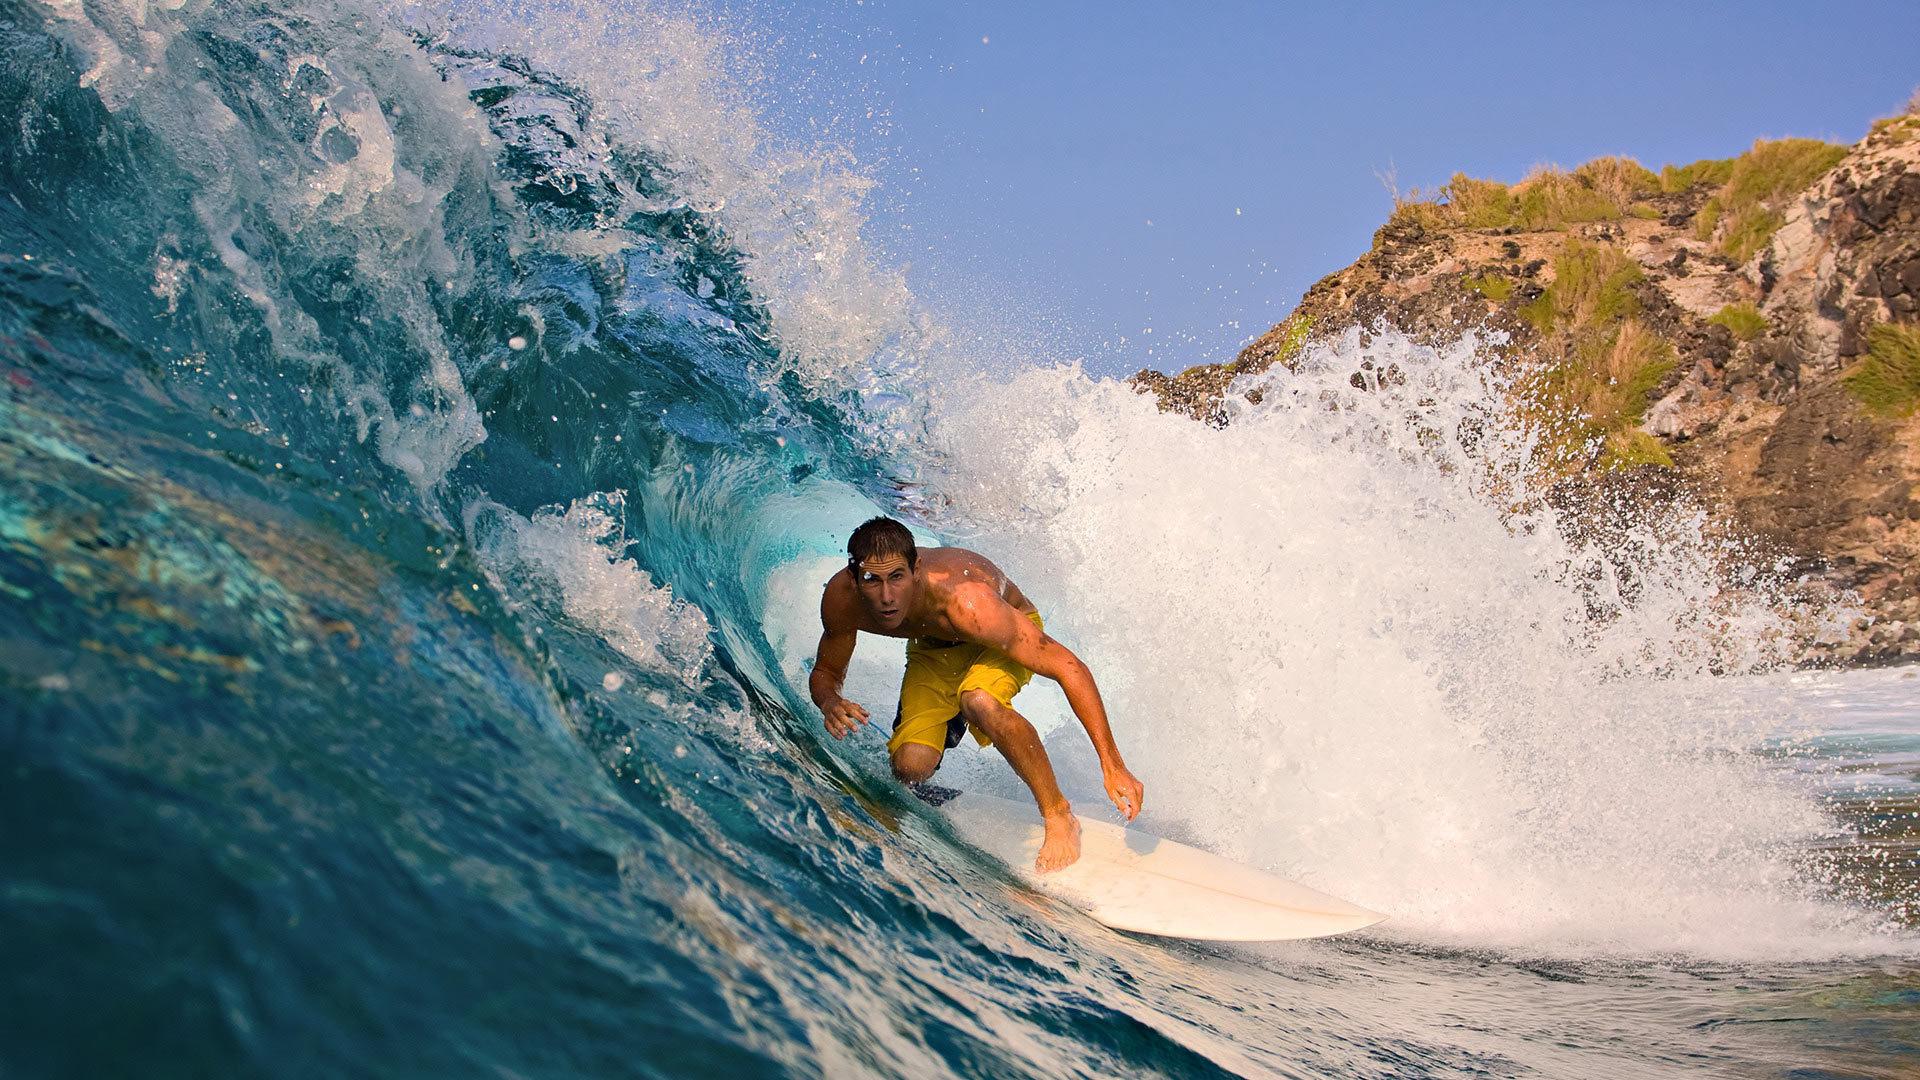 сайте третья красивые фото серфинга солдаты правительственной армии